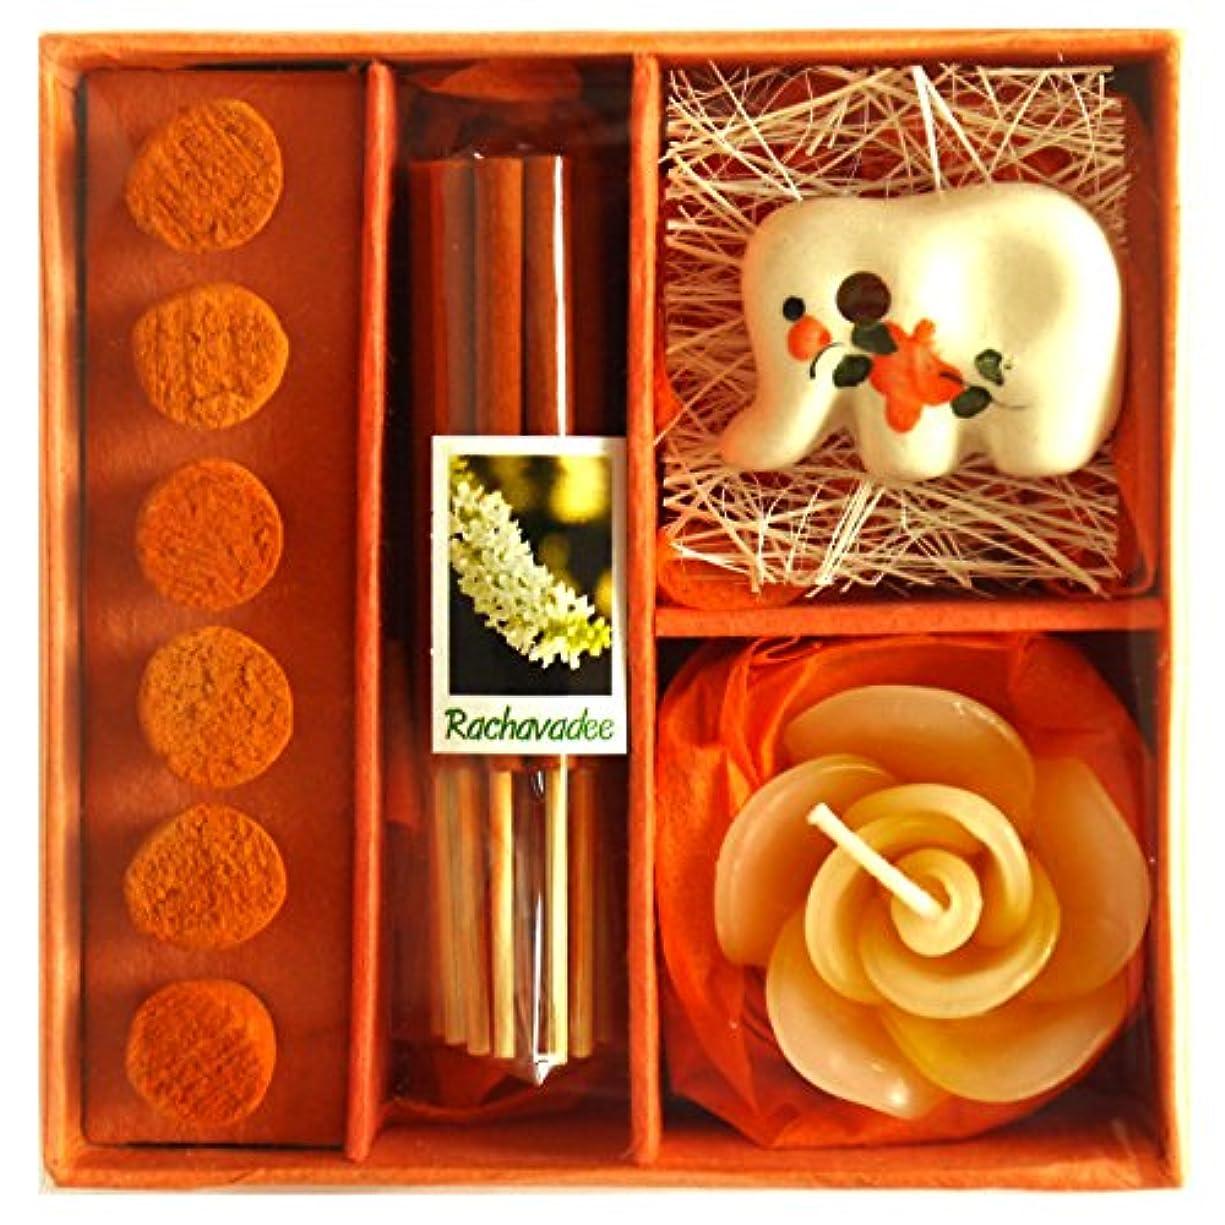 アロマギフトBOX 退職ギフト 色おまかせ 香りつきアロマキャンドル 2種類のお香 陶器製お香立ての入ったギフトセット サンキューシール付き